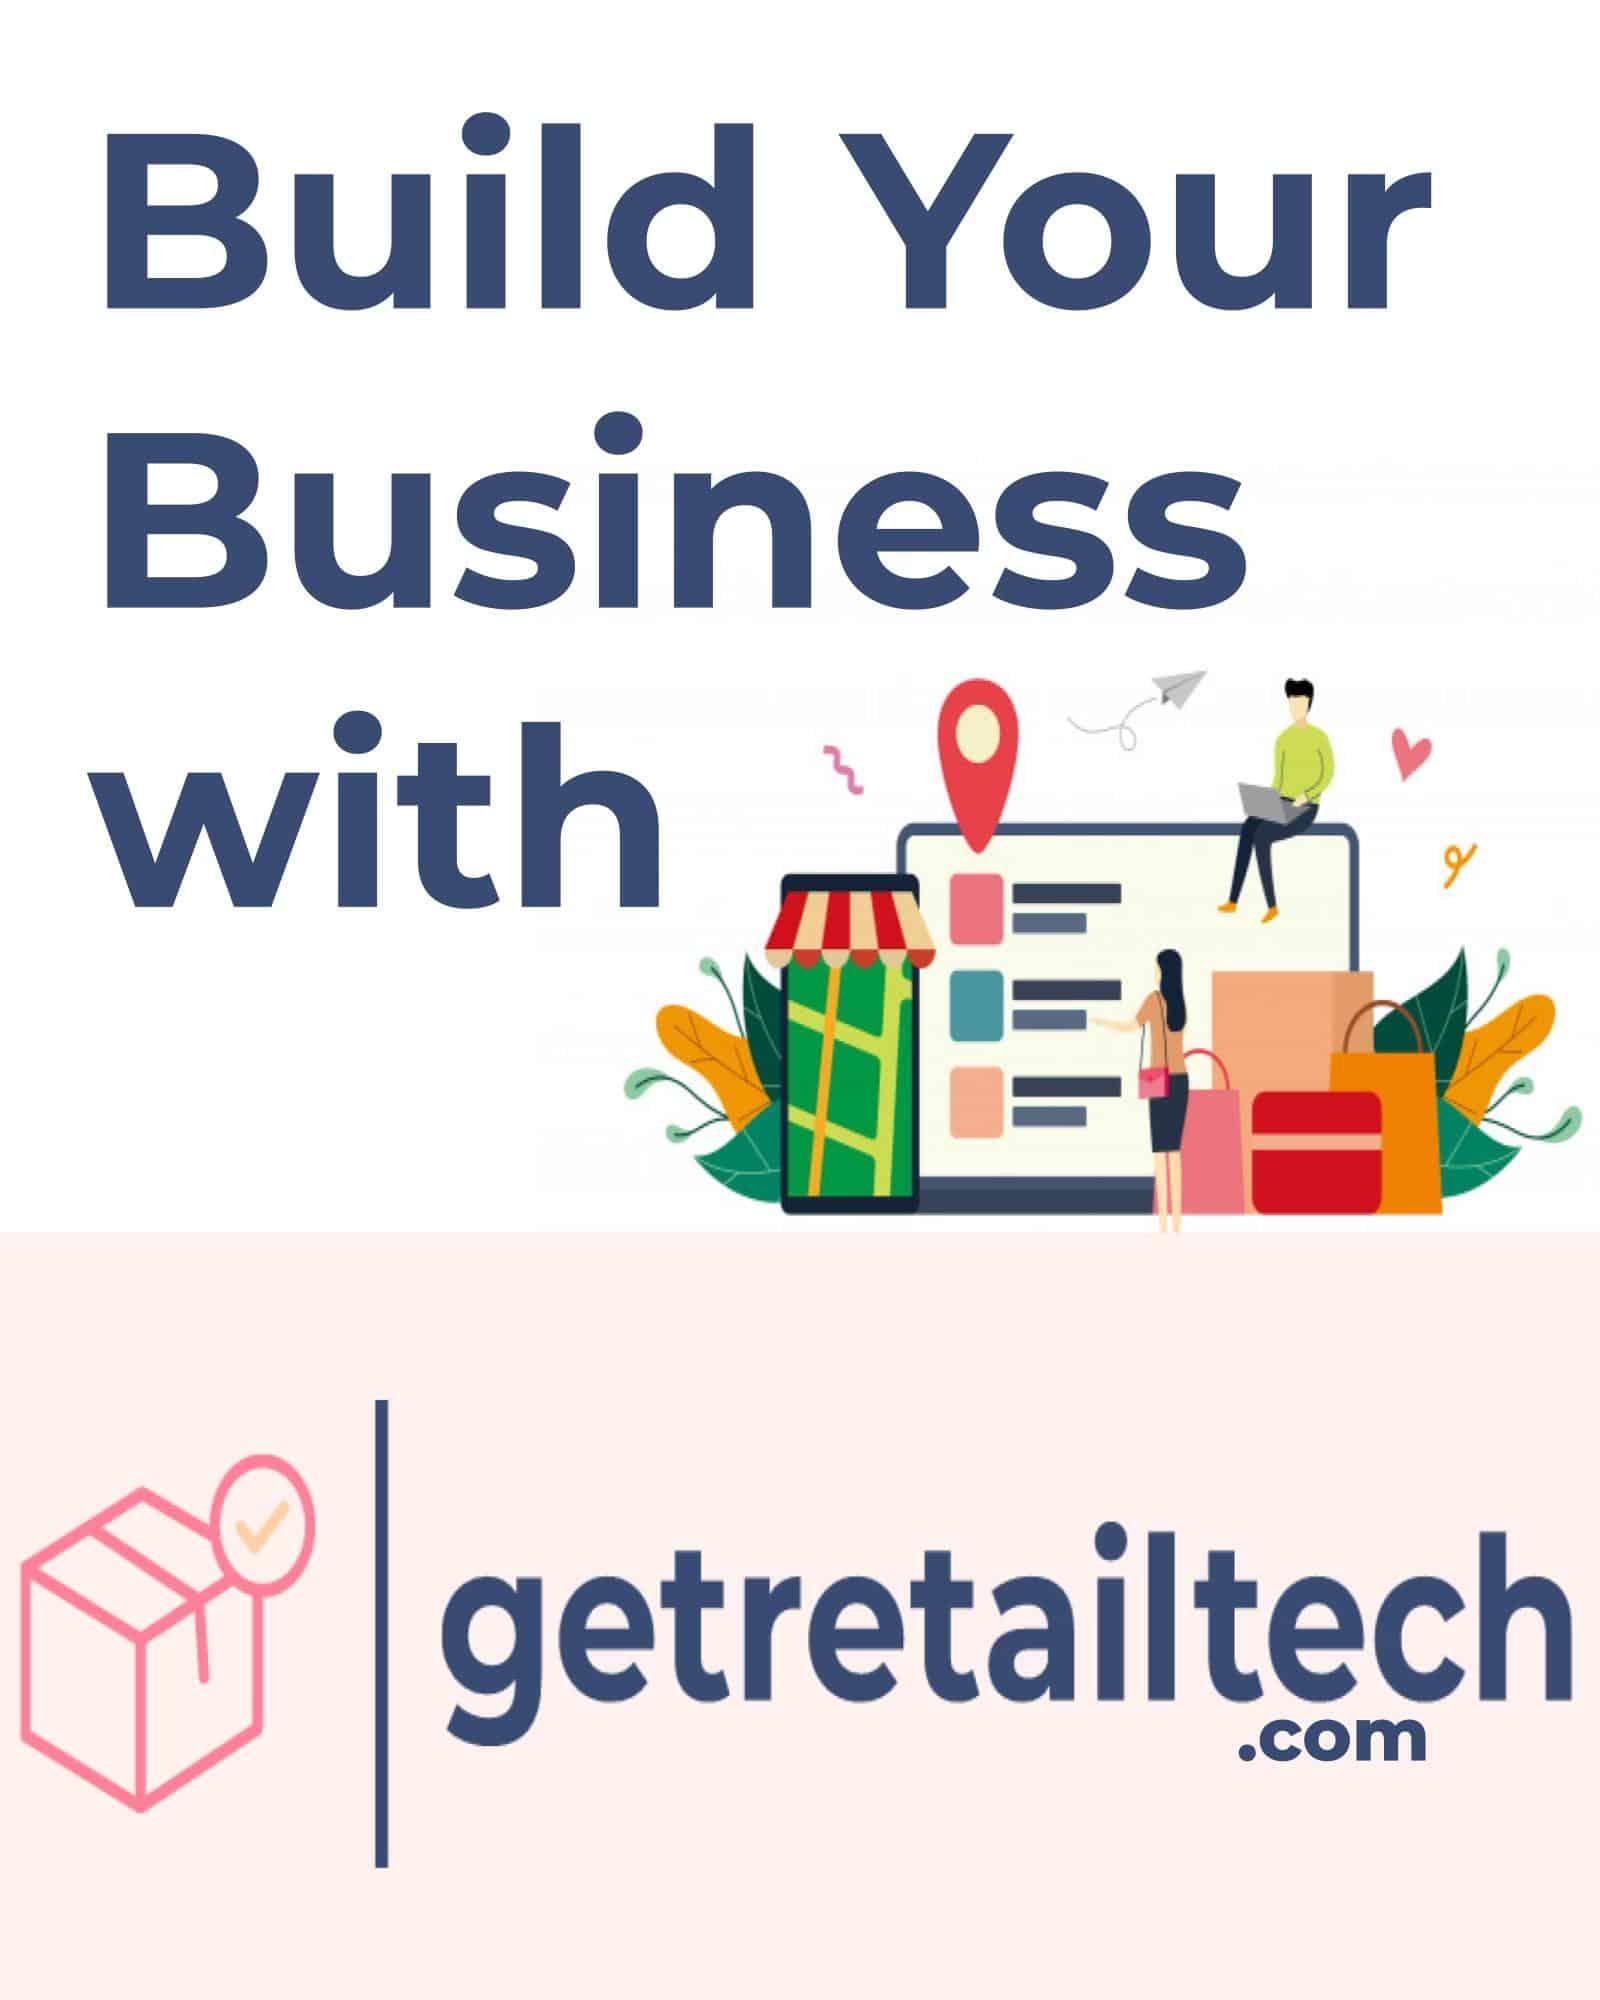 GetRetailTech